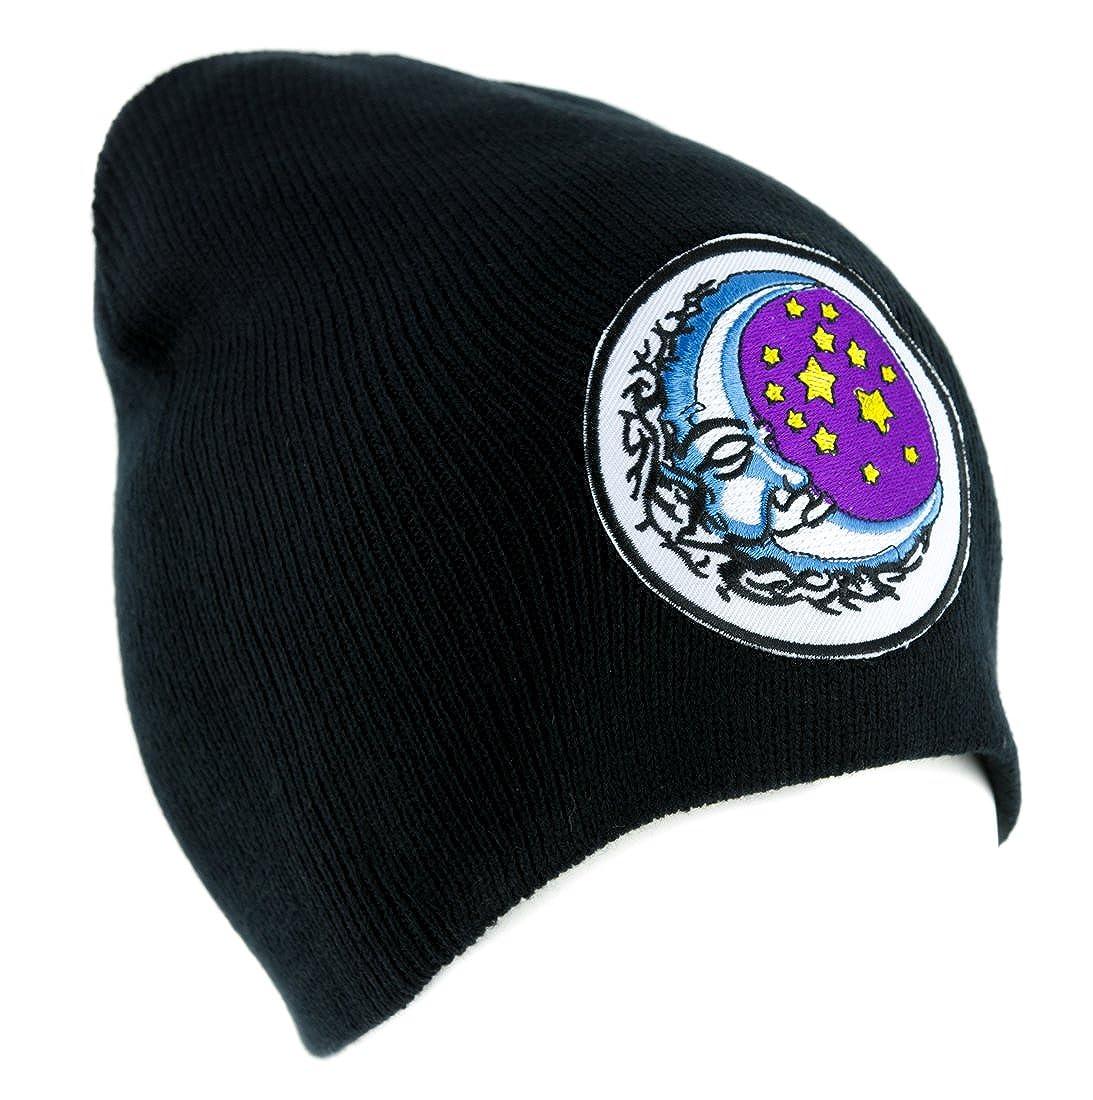 Amazon.com: Dormir Luna y Estrellas Beanie Knit Cap ropa ...